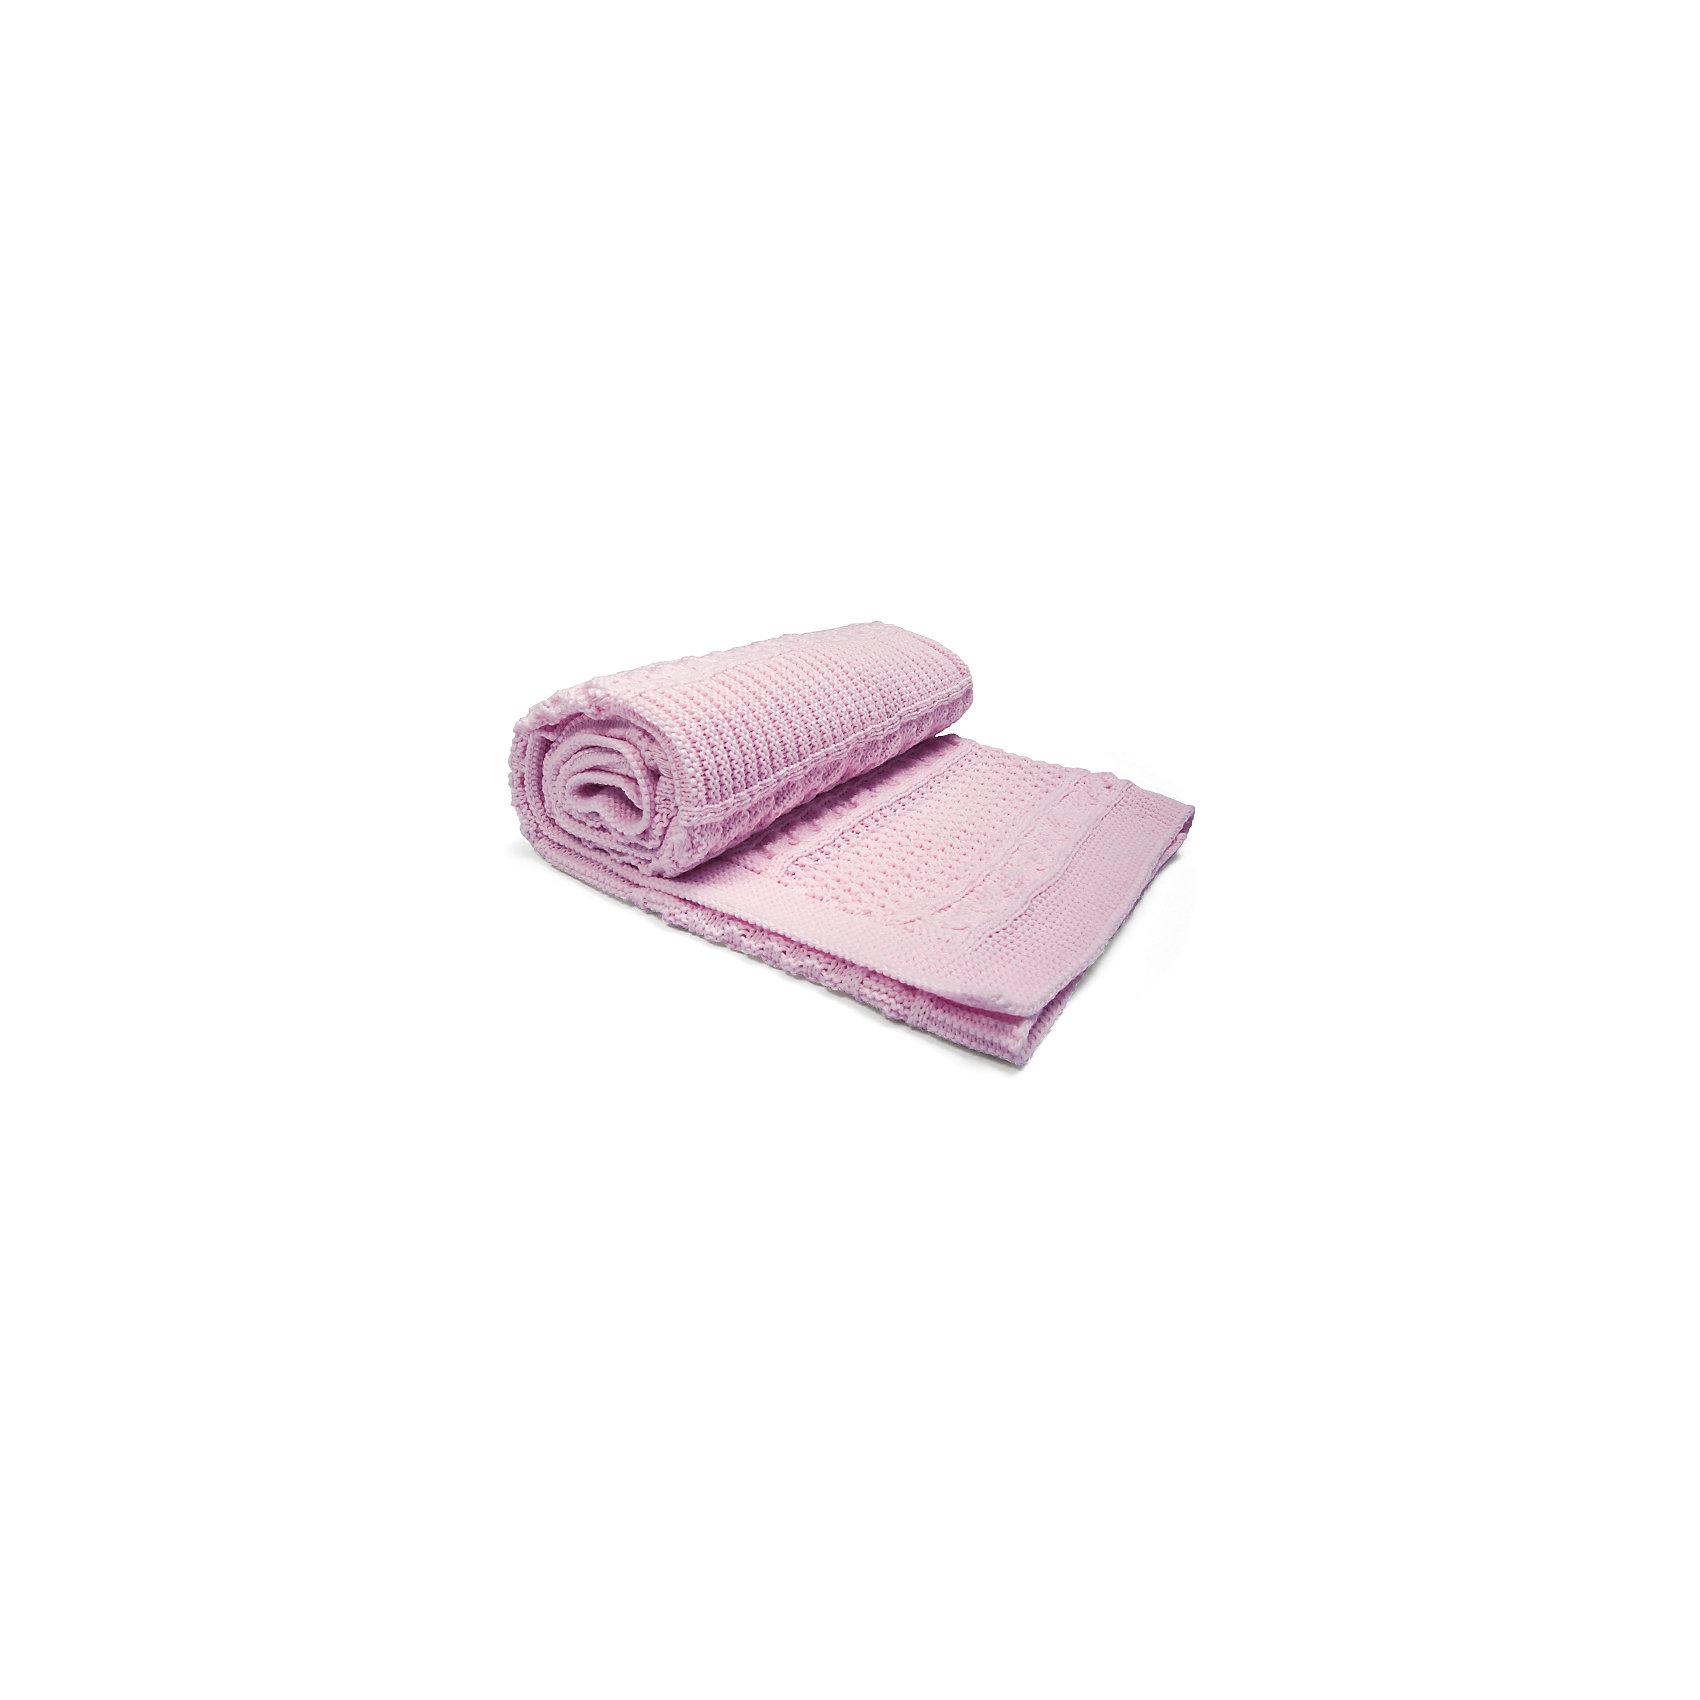 Плед вязаный Маленькое счастье, Сонный гномик, розовый